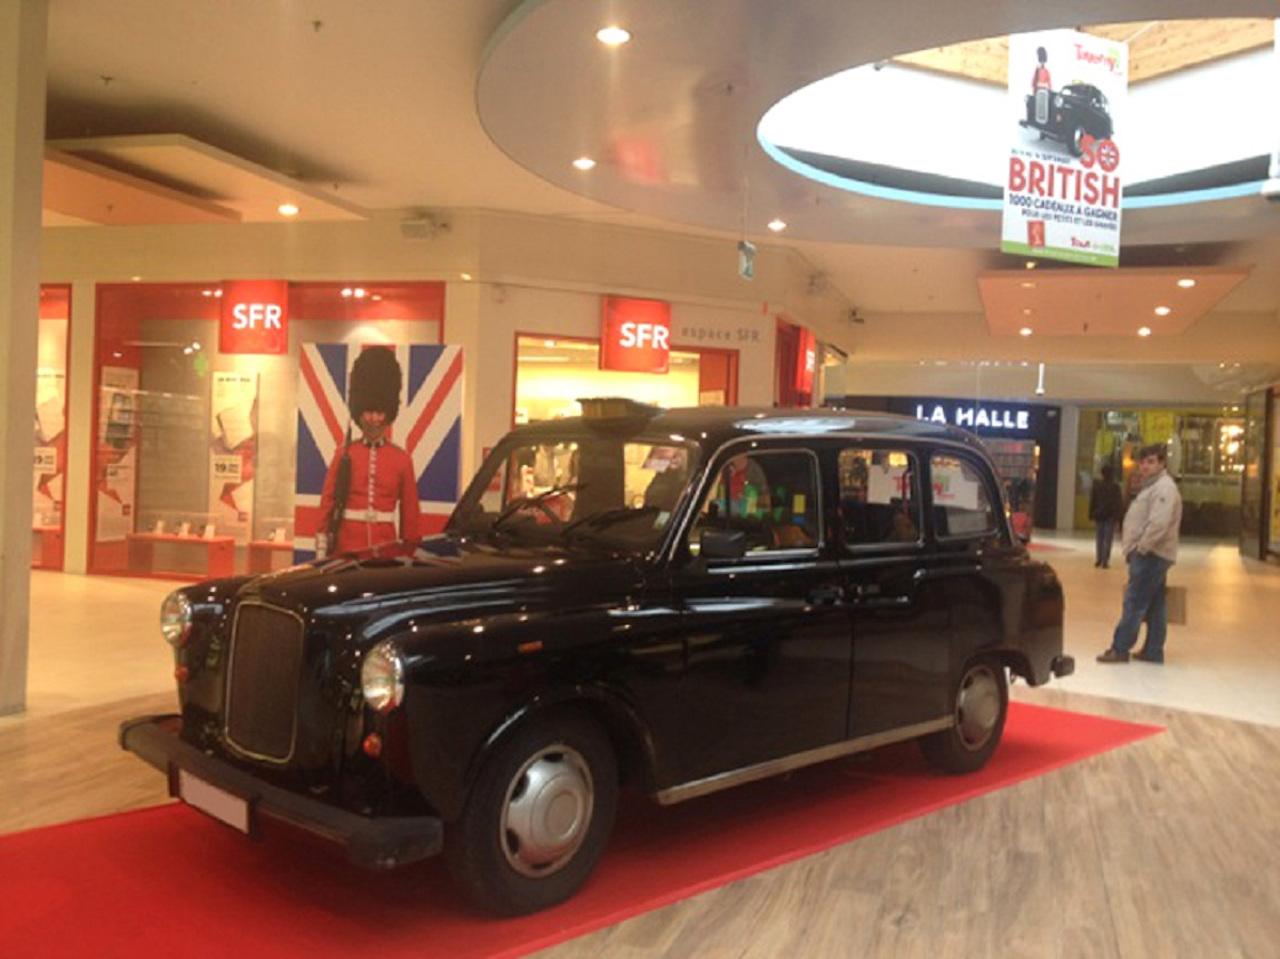 taxi anglais noir classique dans centre commercial sur tapis rouge